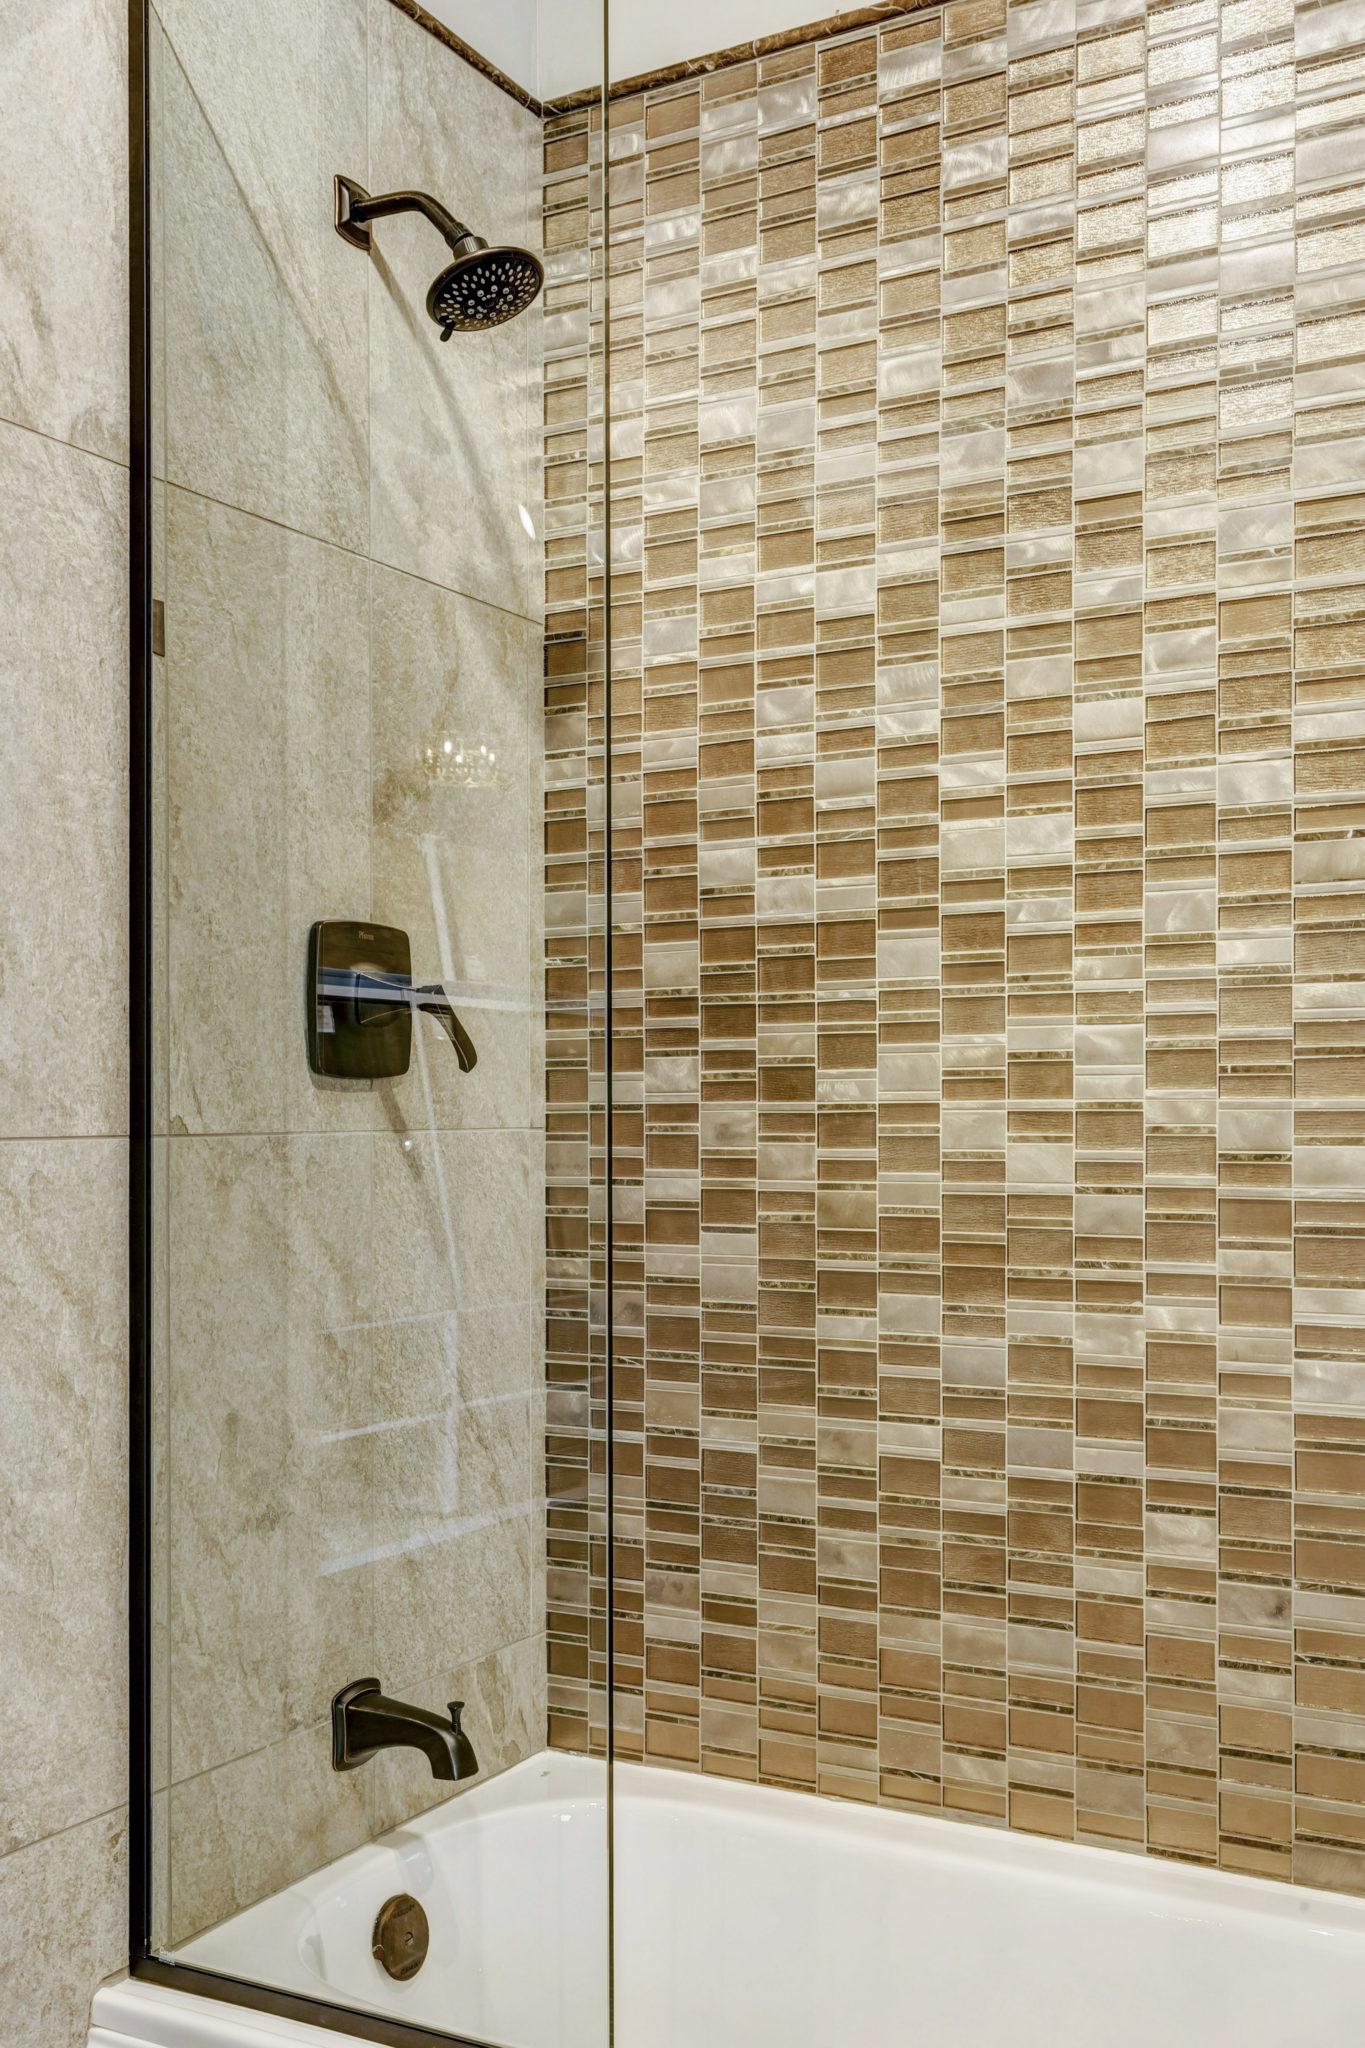 Bathroom Tile Chesterfield 63017 Ceramic, Porcelain Floor & Shower Tile